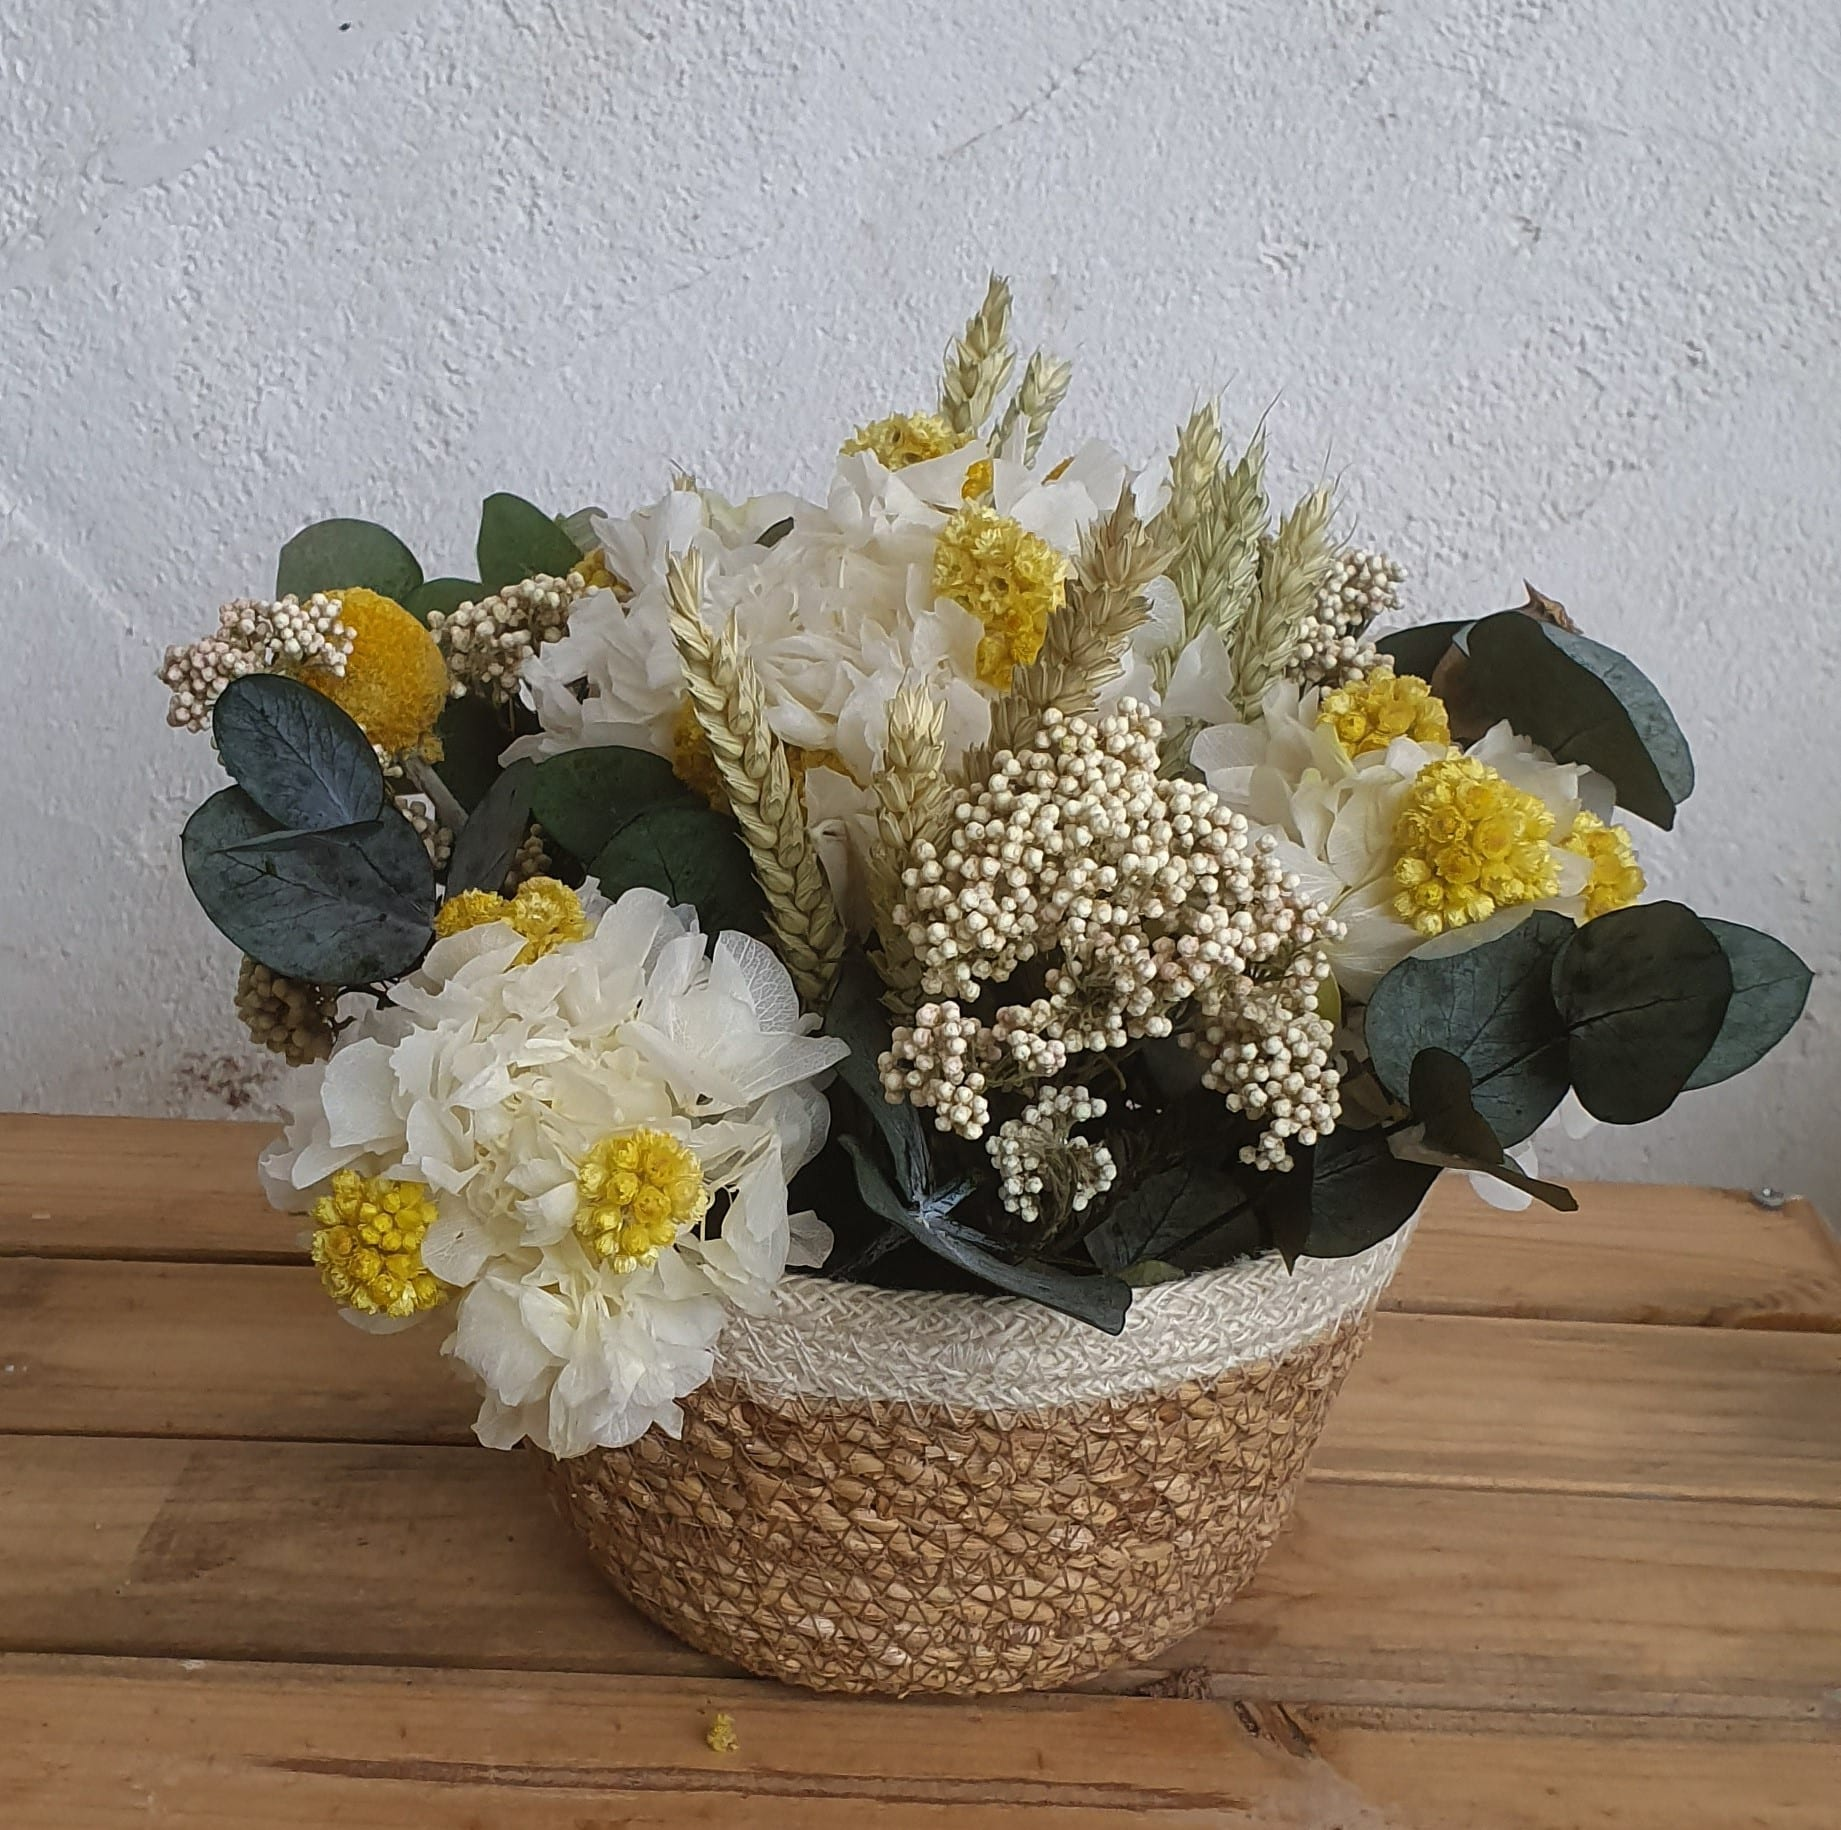 Venta de flores en Cartagena